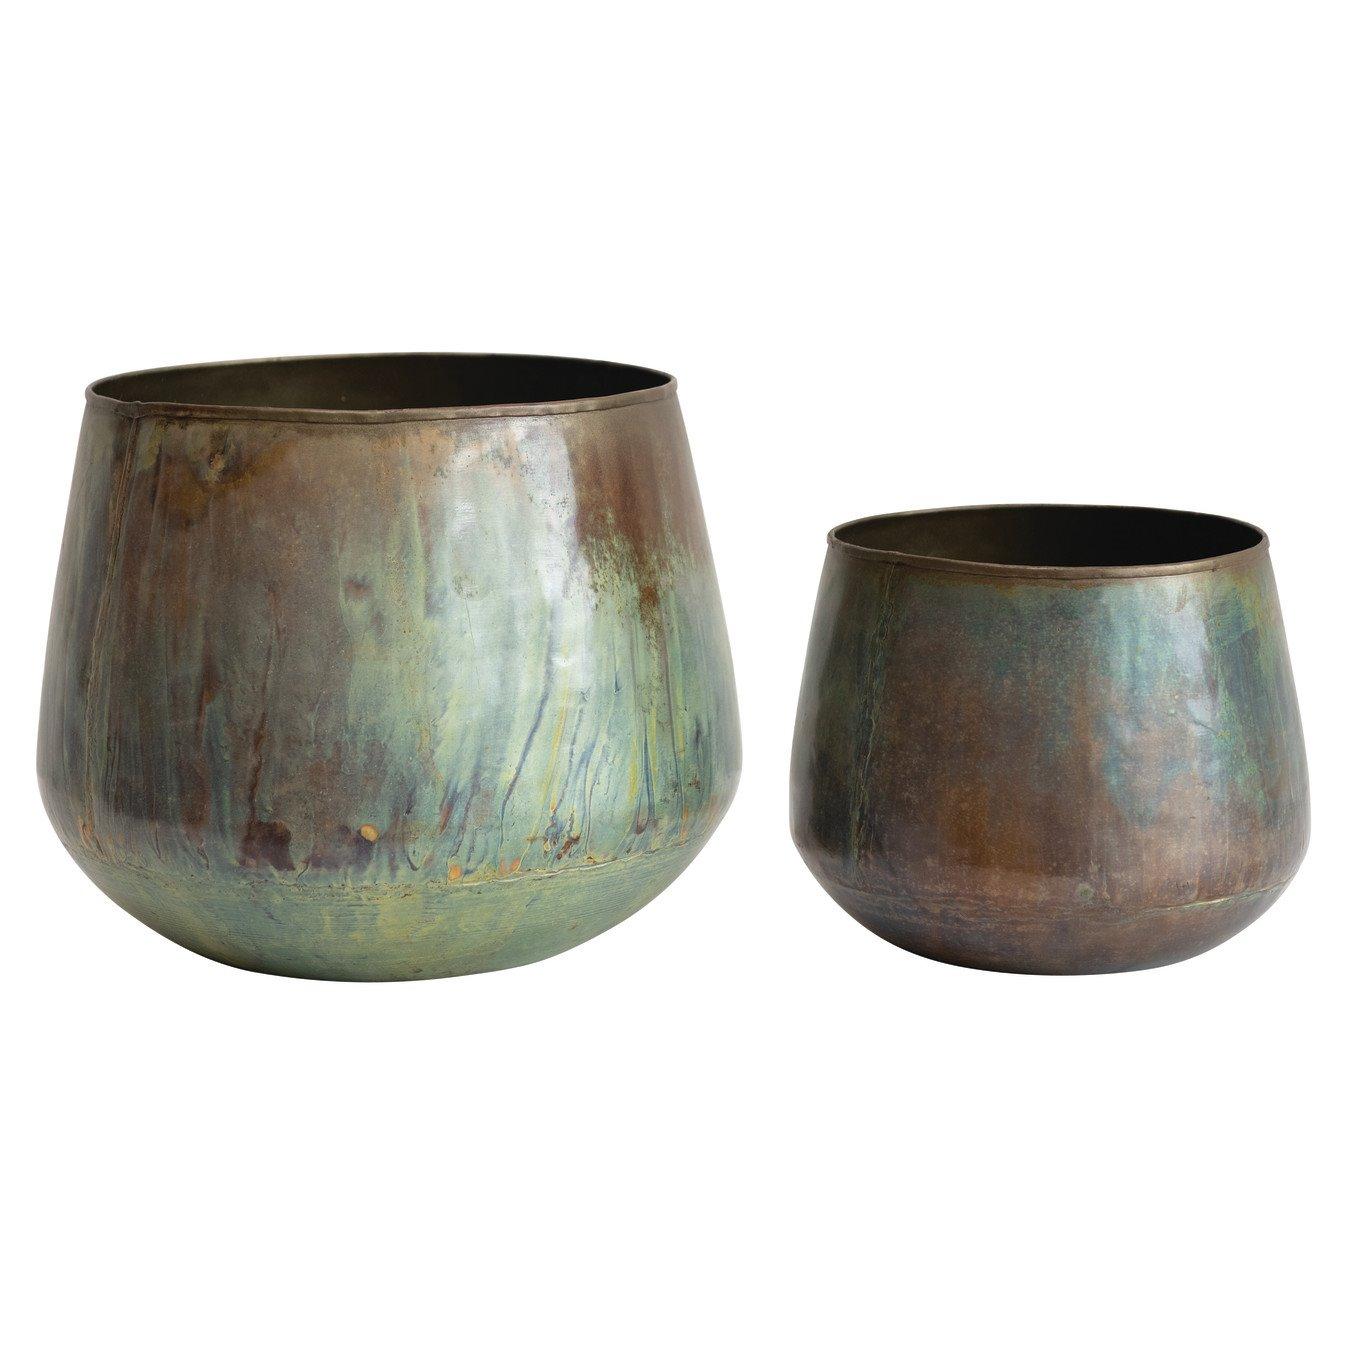 Oxidized Metal Planter, Set of 2